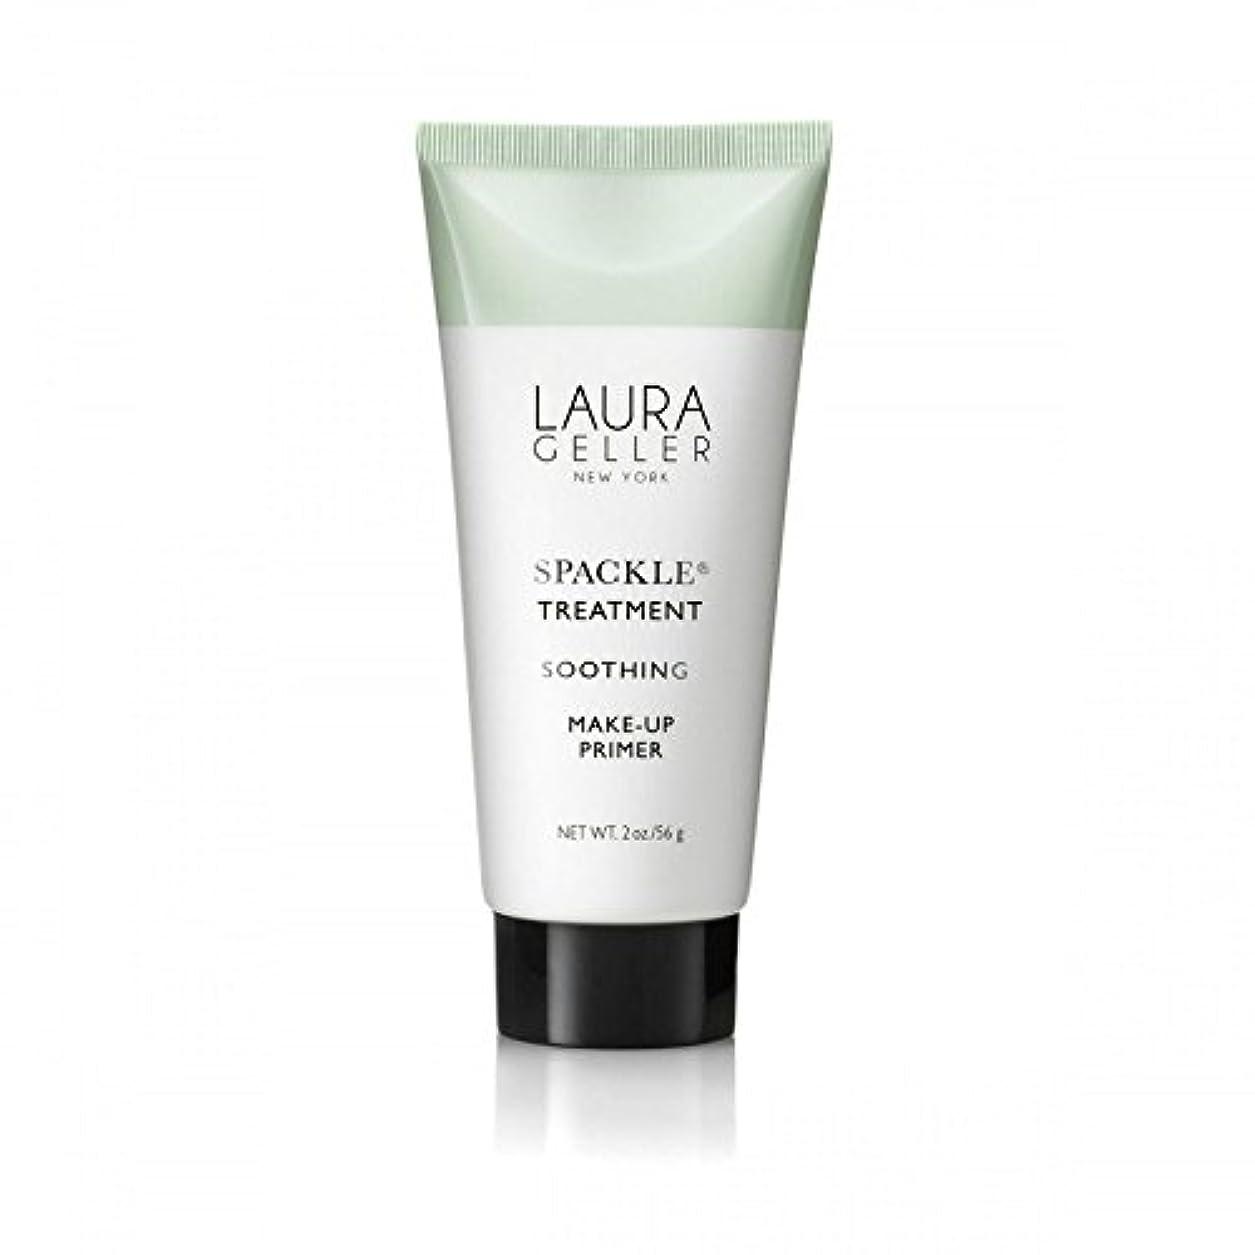 鋸歯状冒険者バイソンLaura Geller Spackle Treatment Under Make-Up Primer Soothing (Pack of 6) - メイクアッププライマー癒しの下のローラ?ゲラー 処理 x6 [並行輸入品]